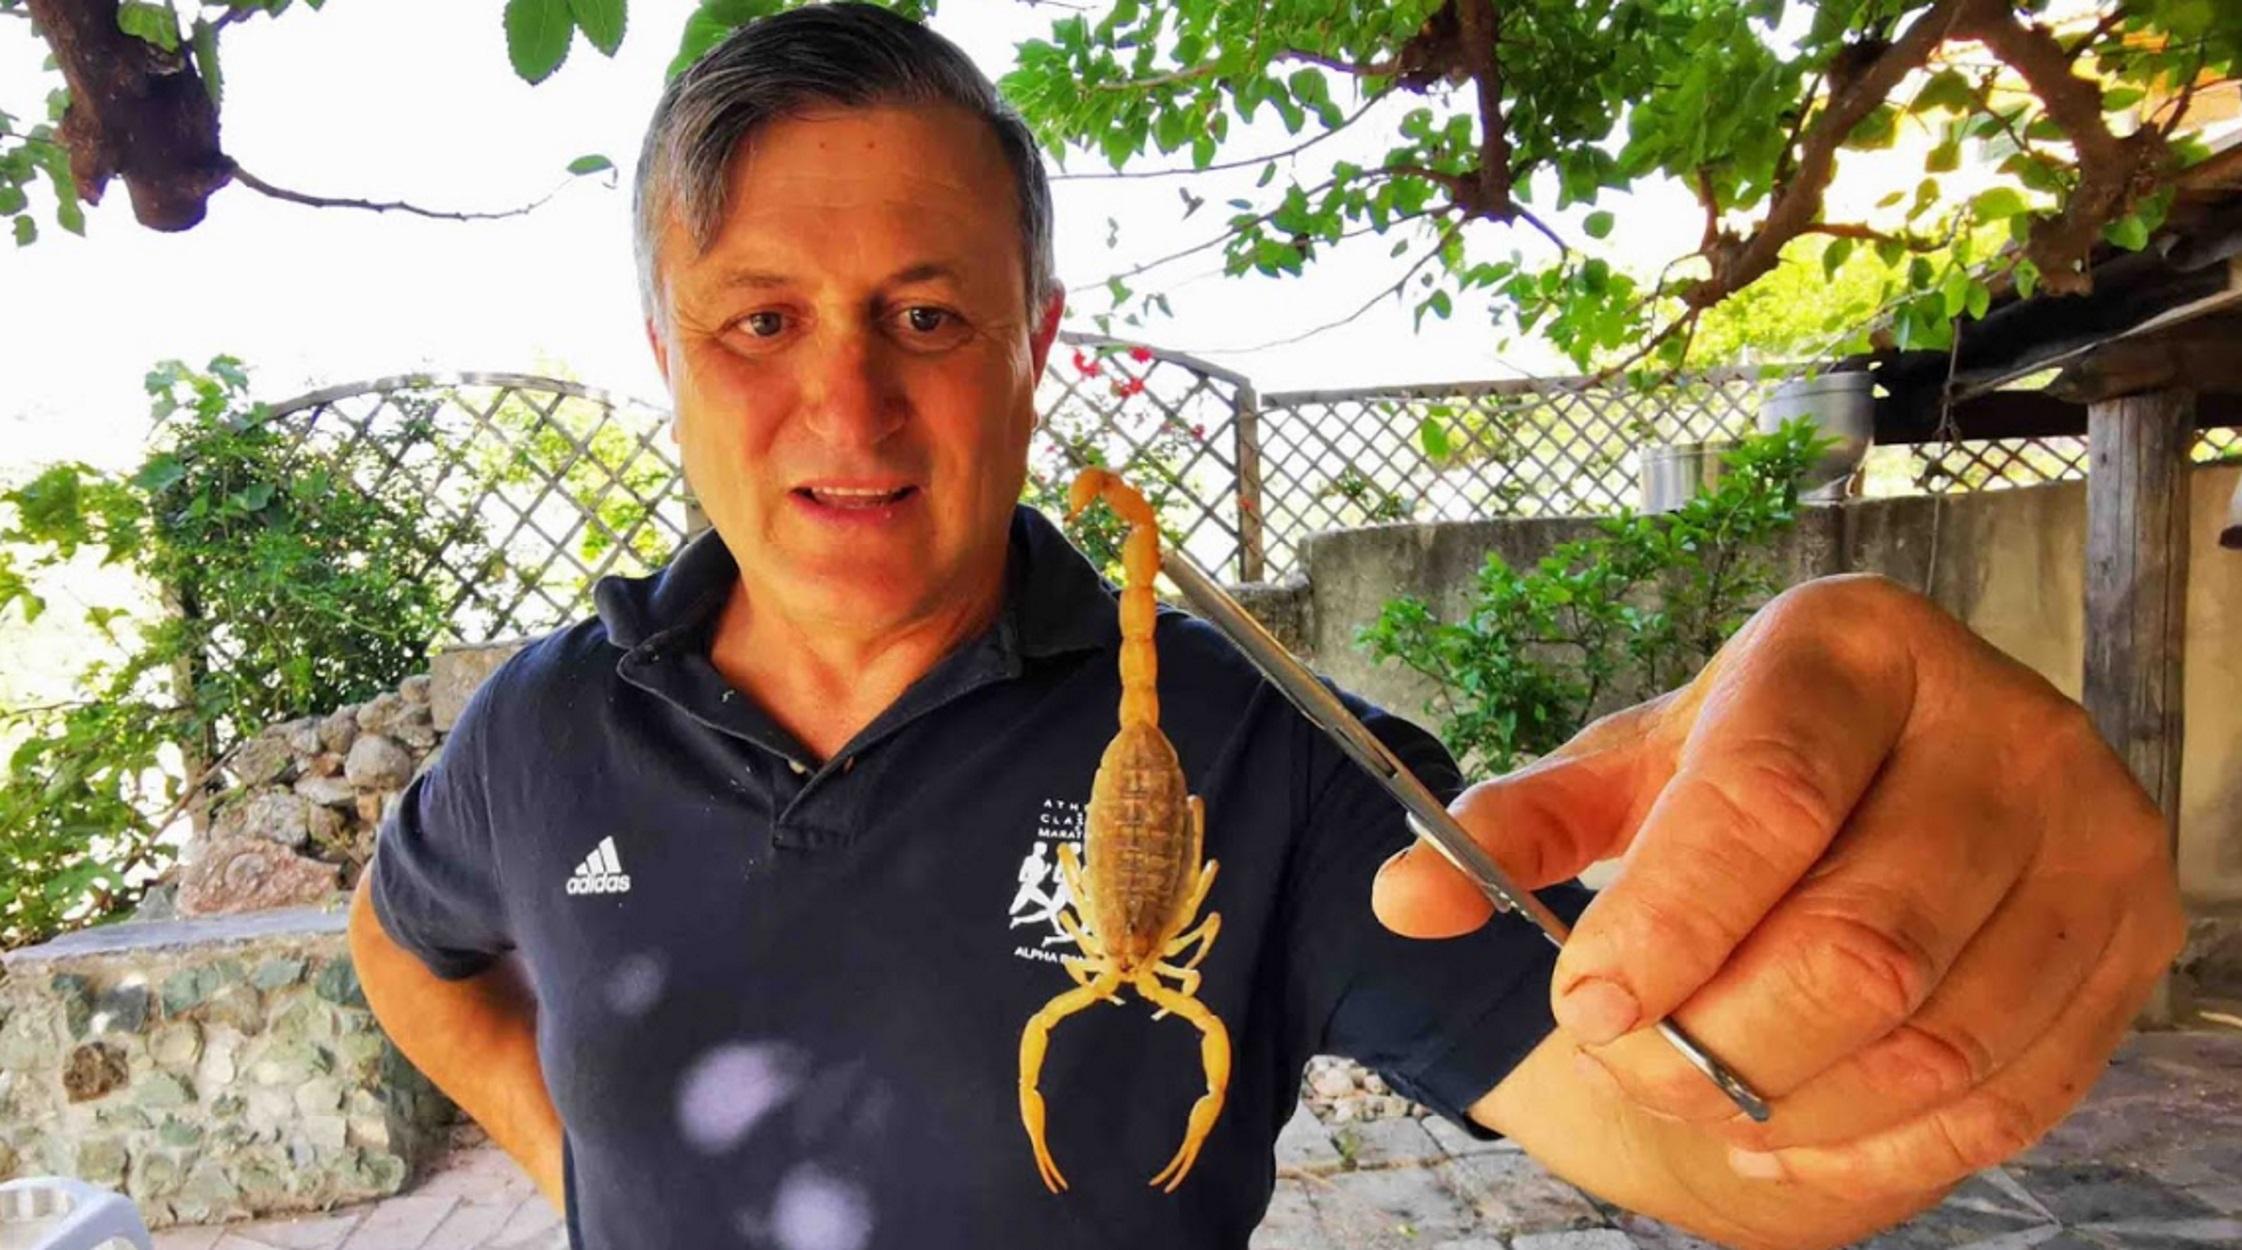 Ναύπλιο: Ο αγρότης που δεν φοβάται τους τρομερούς σκορπιούς (pics, video)